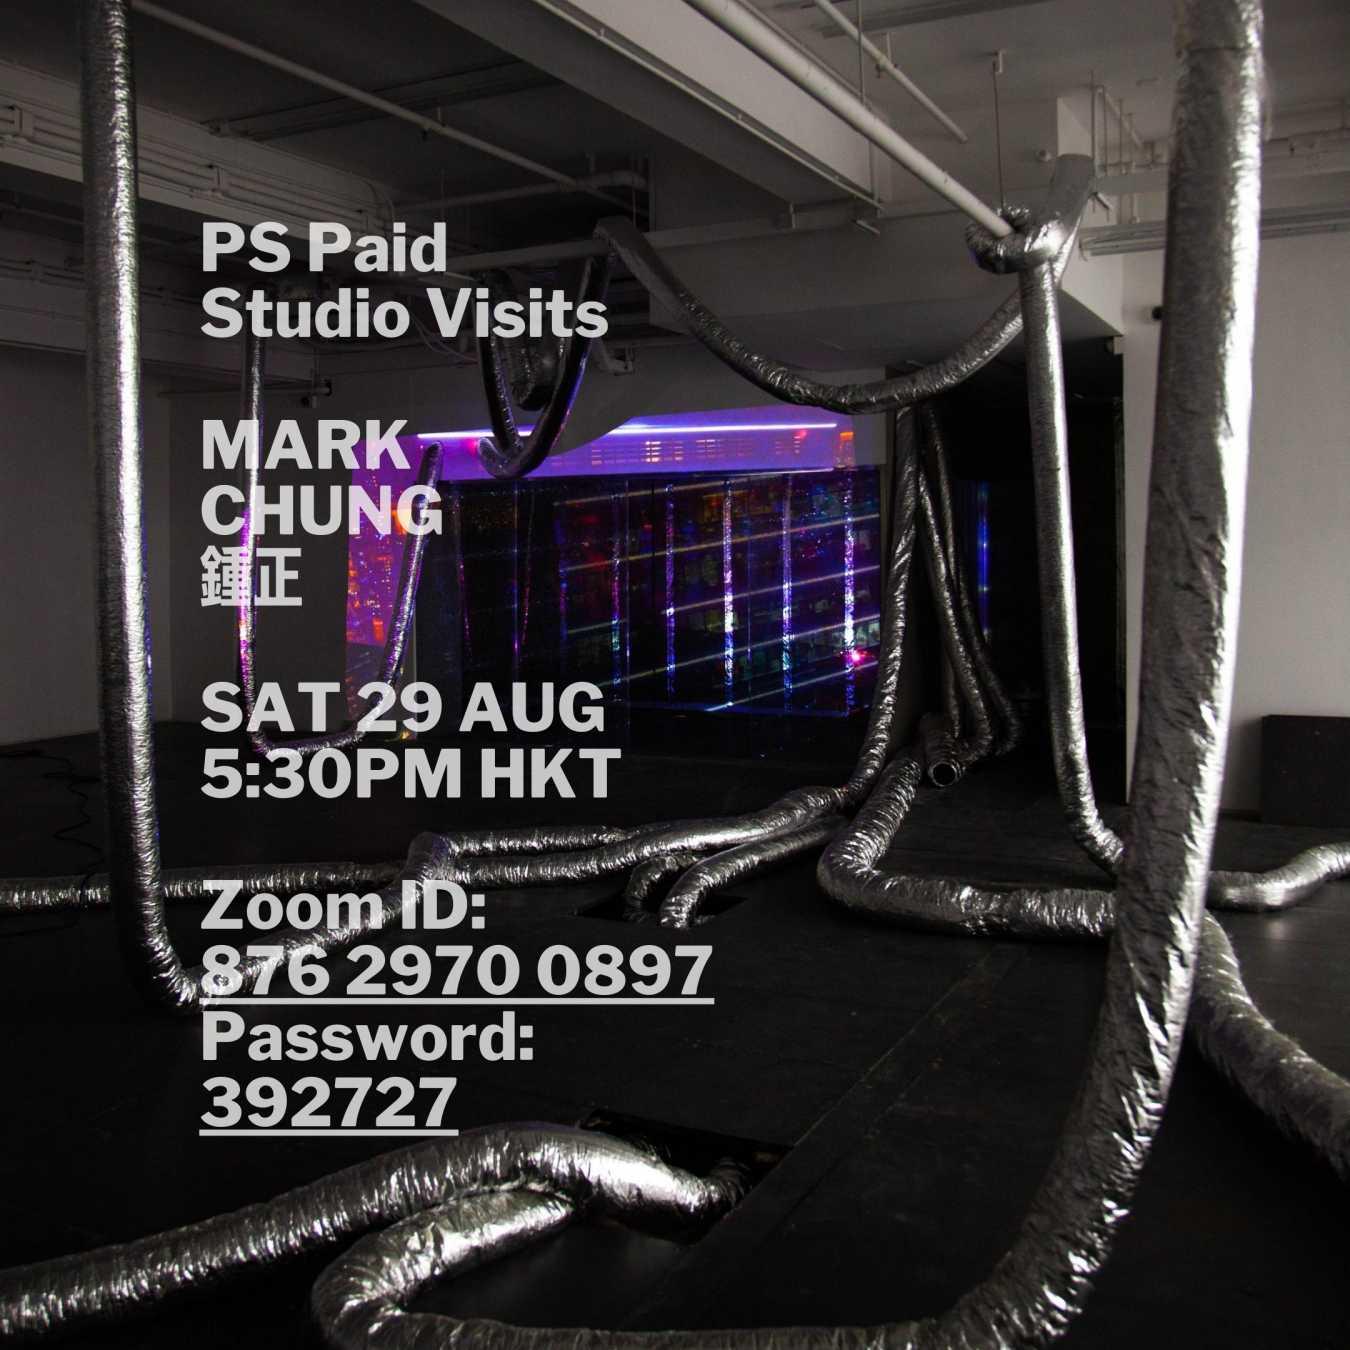 PS Paid Studio Visits with Mark Chung at deSAR